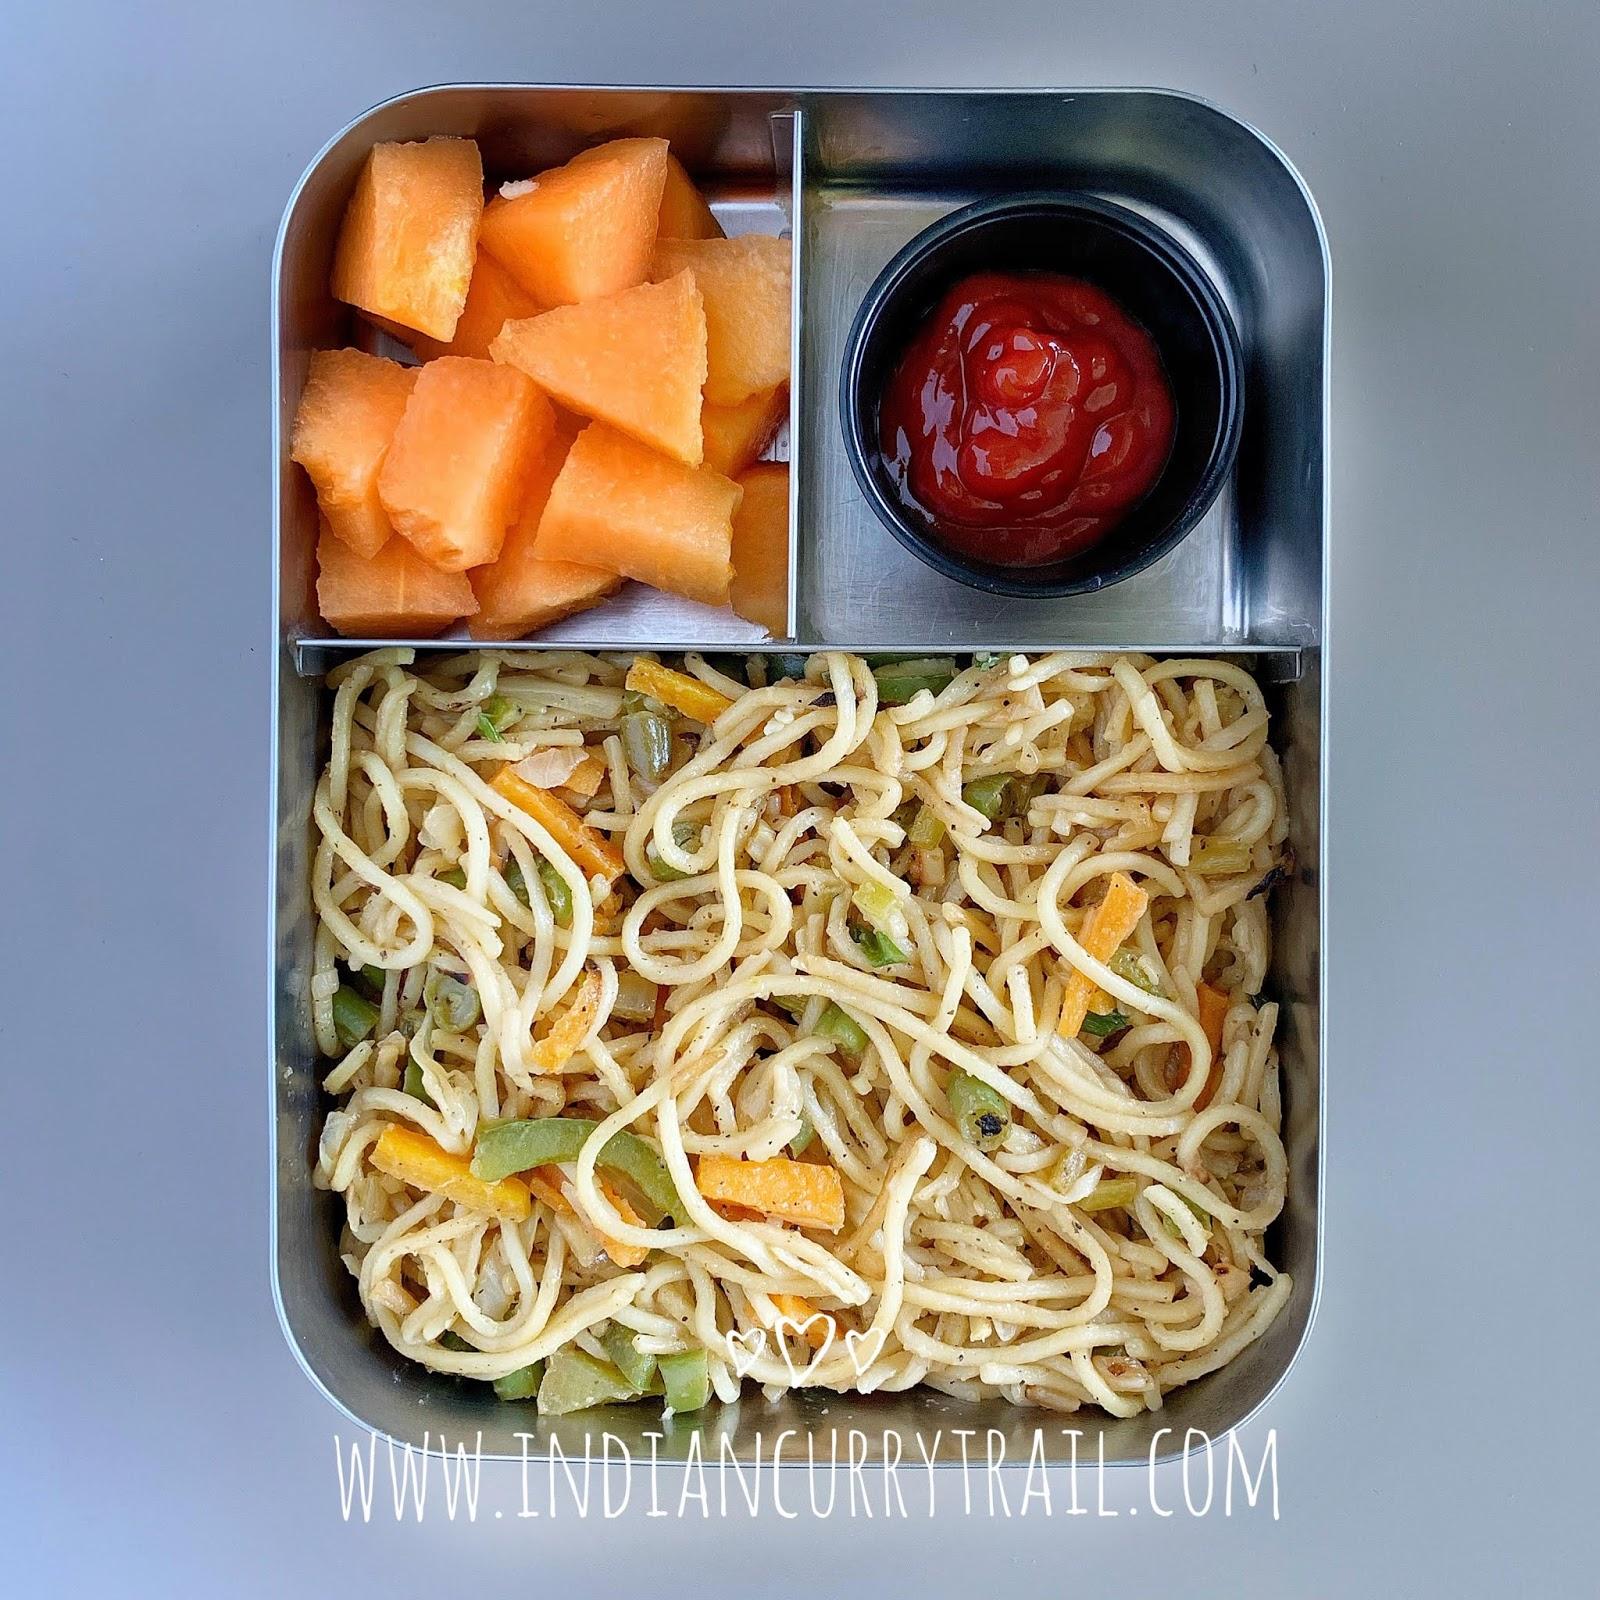 veg-hakka-Noodles-lunchbox